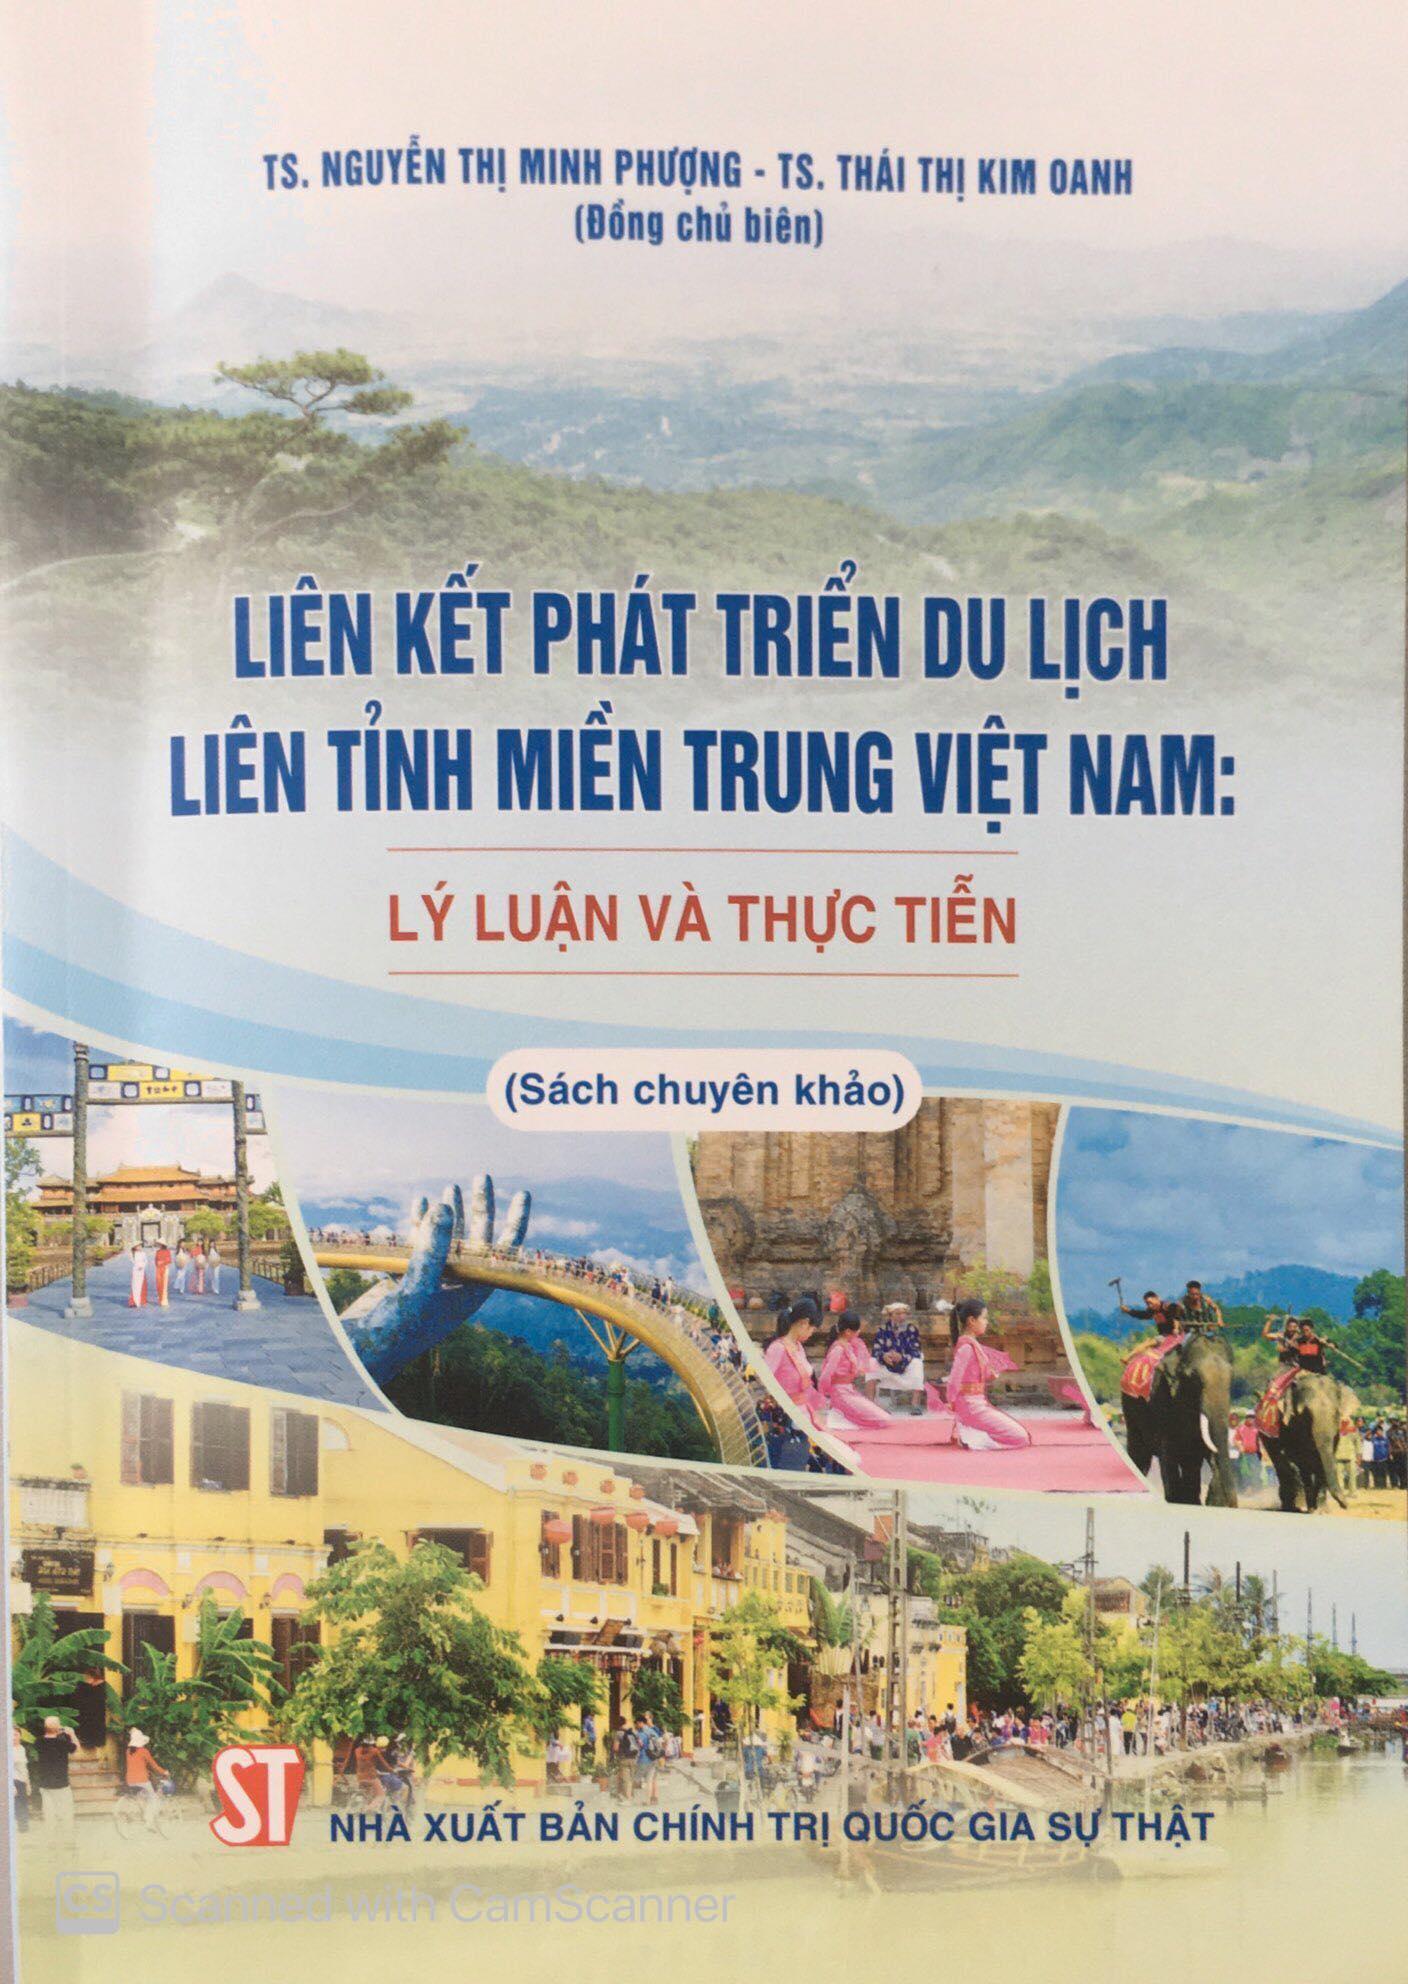 Liên kết phát triển du lịch liên tỉnh miền Trung Việt Nam: Lý luận và thực tiễn (Sách chuyên khảo)